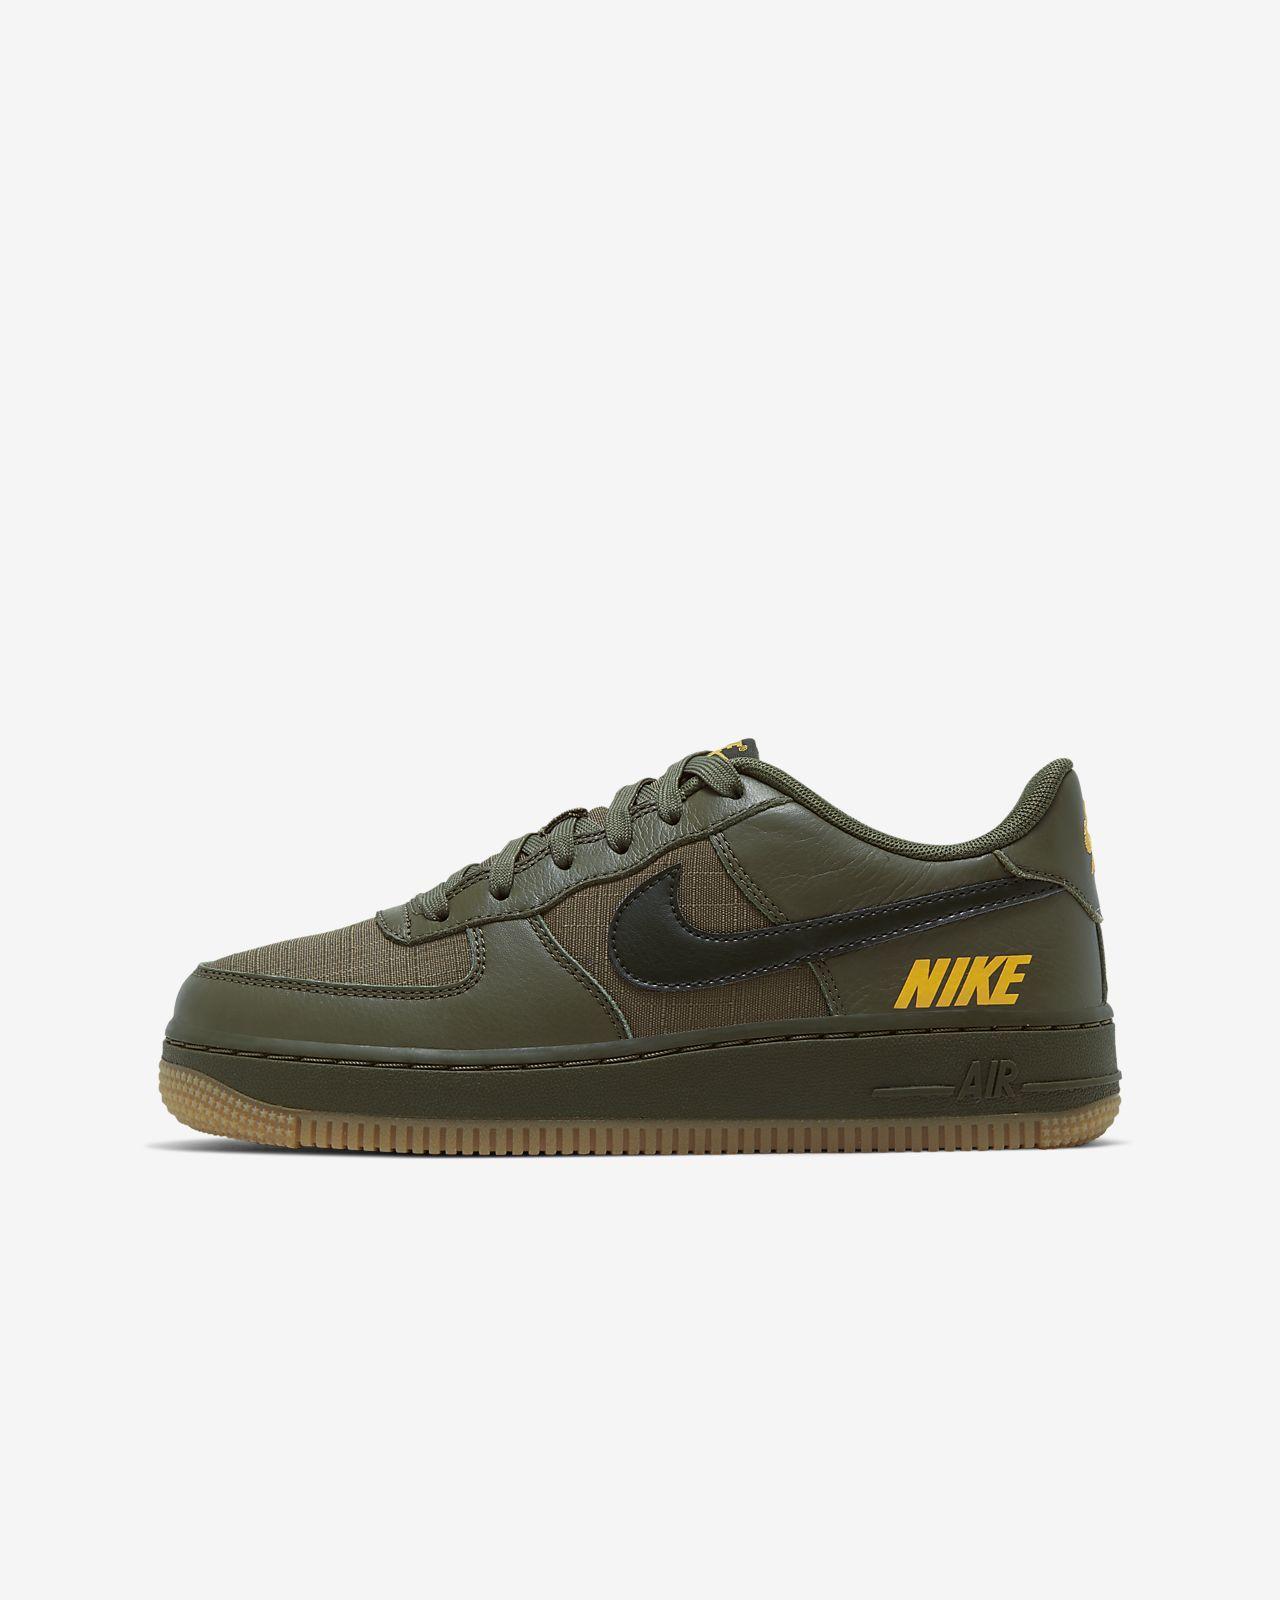 Chaussure Nike Air Force 1 LV8 5 pour Enfant plus âgé